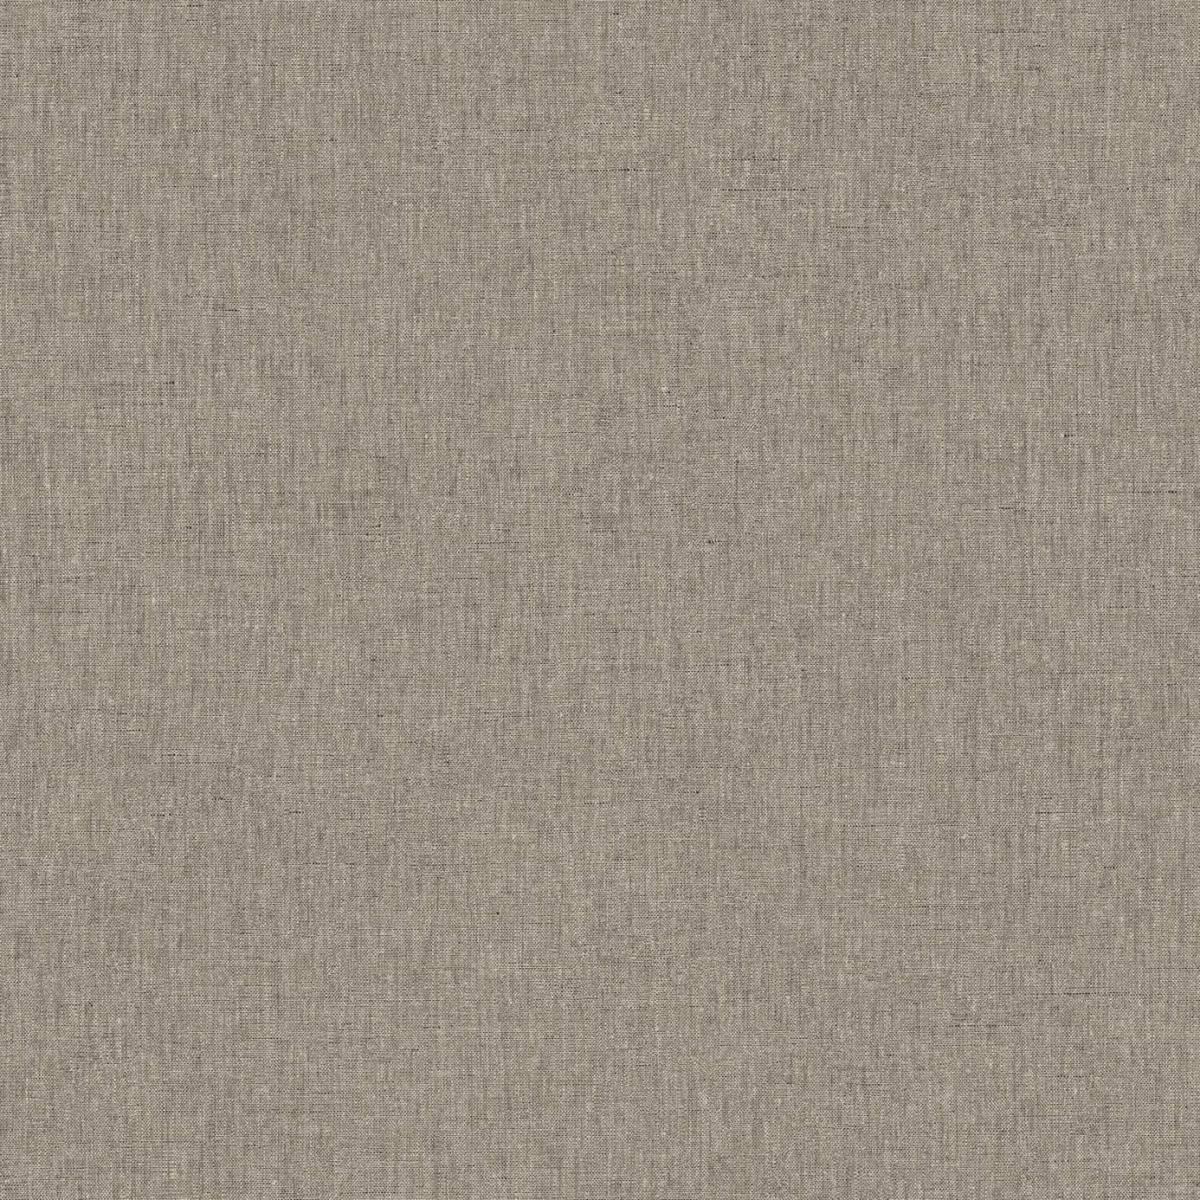 Caselio Linen Wallpaperproduct Code 68521992